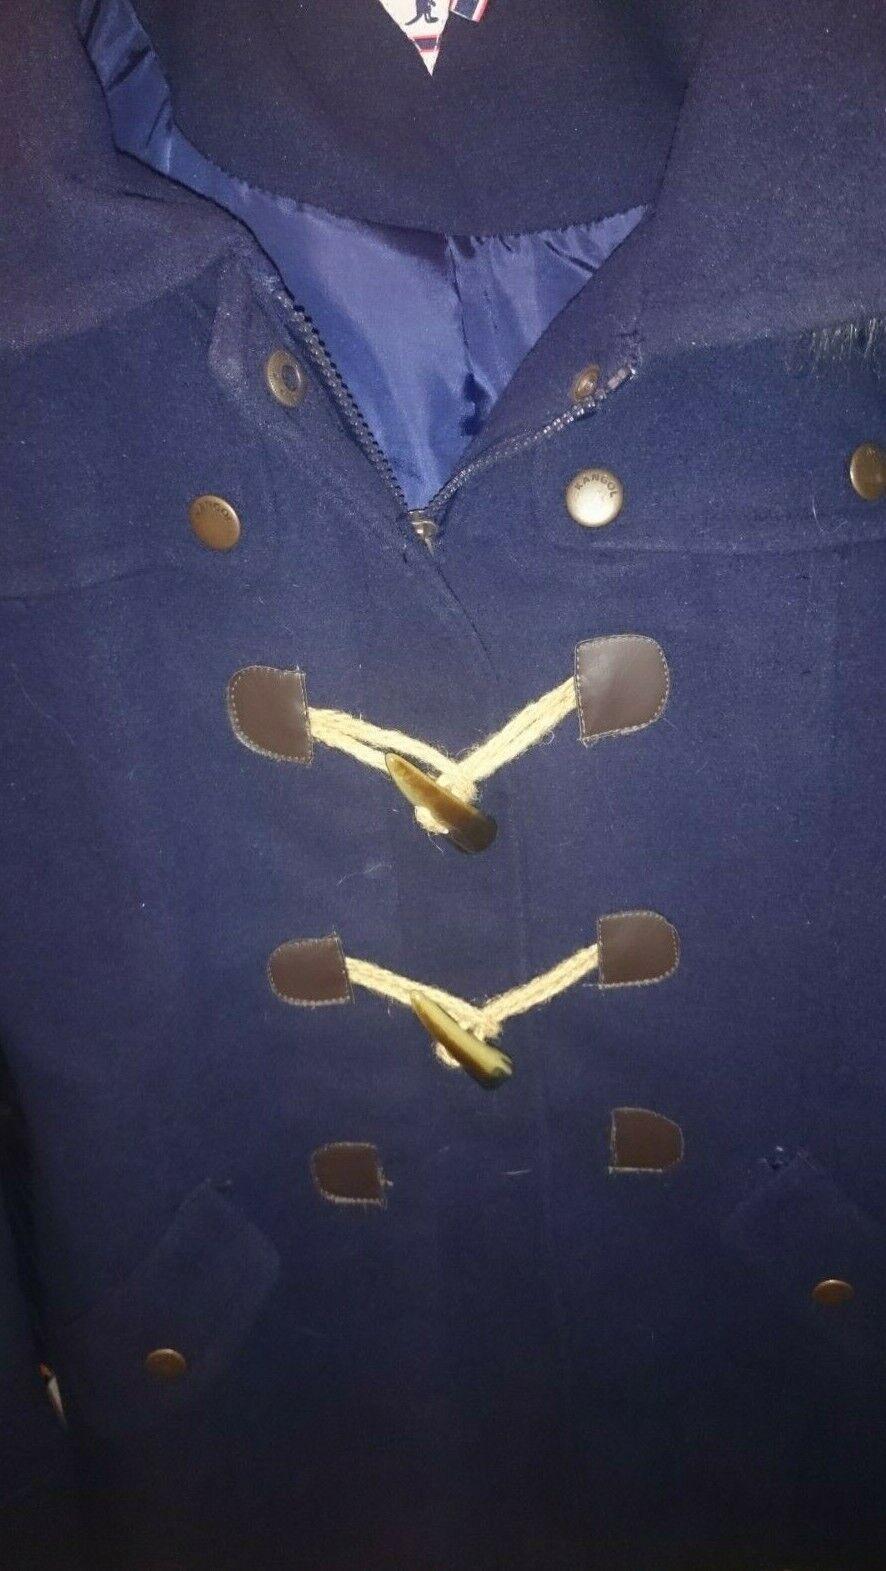 Kangol manteau duffle-coat t.34/36 neuf avec defaut [il manque un bouton]